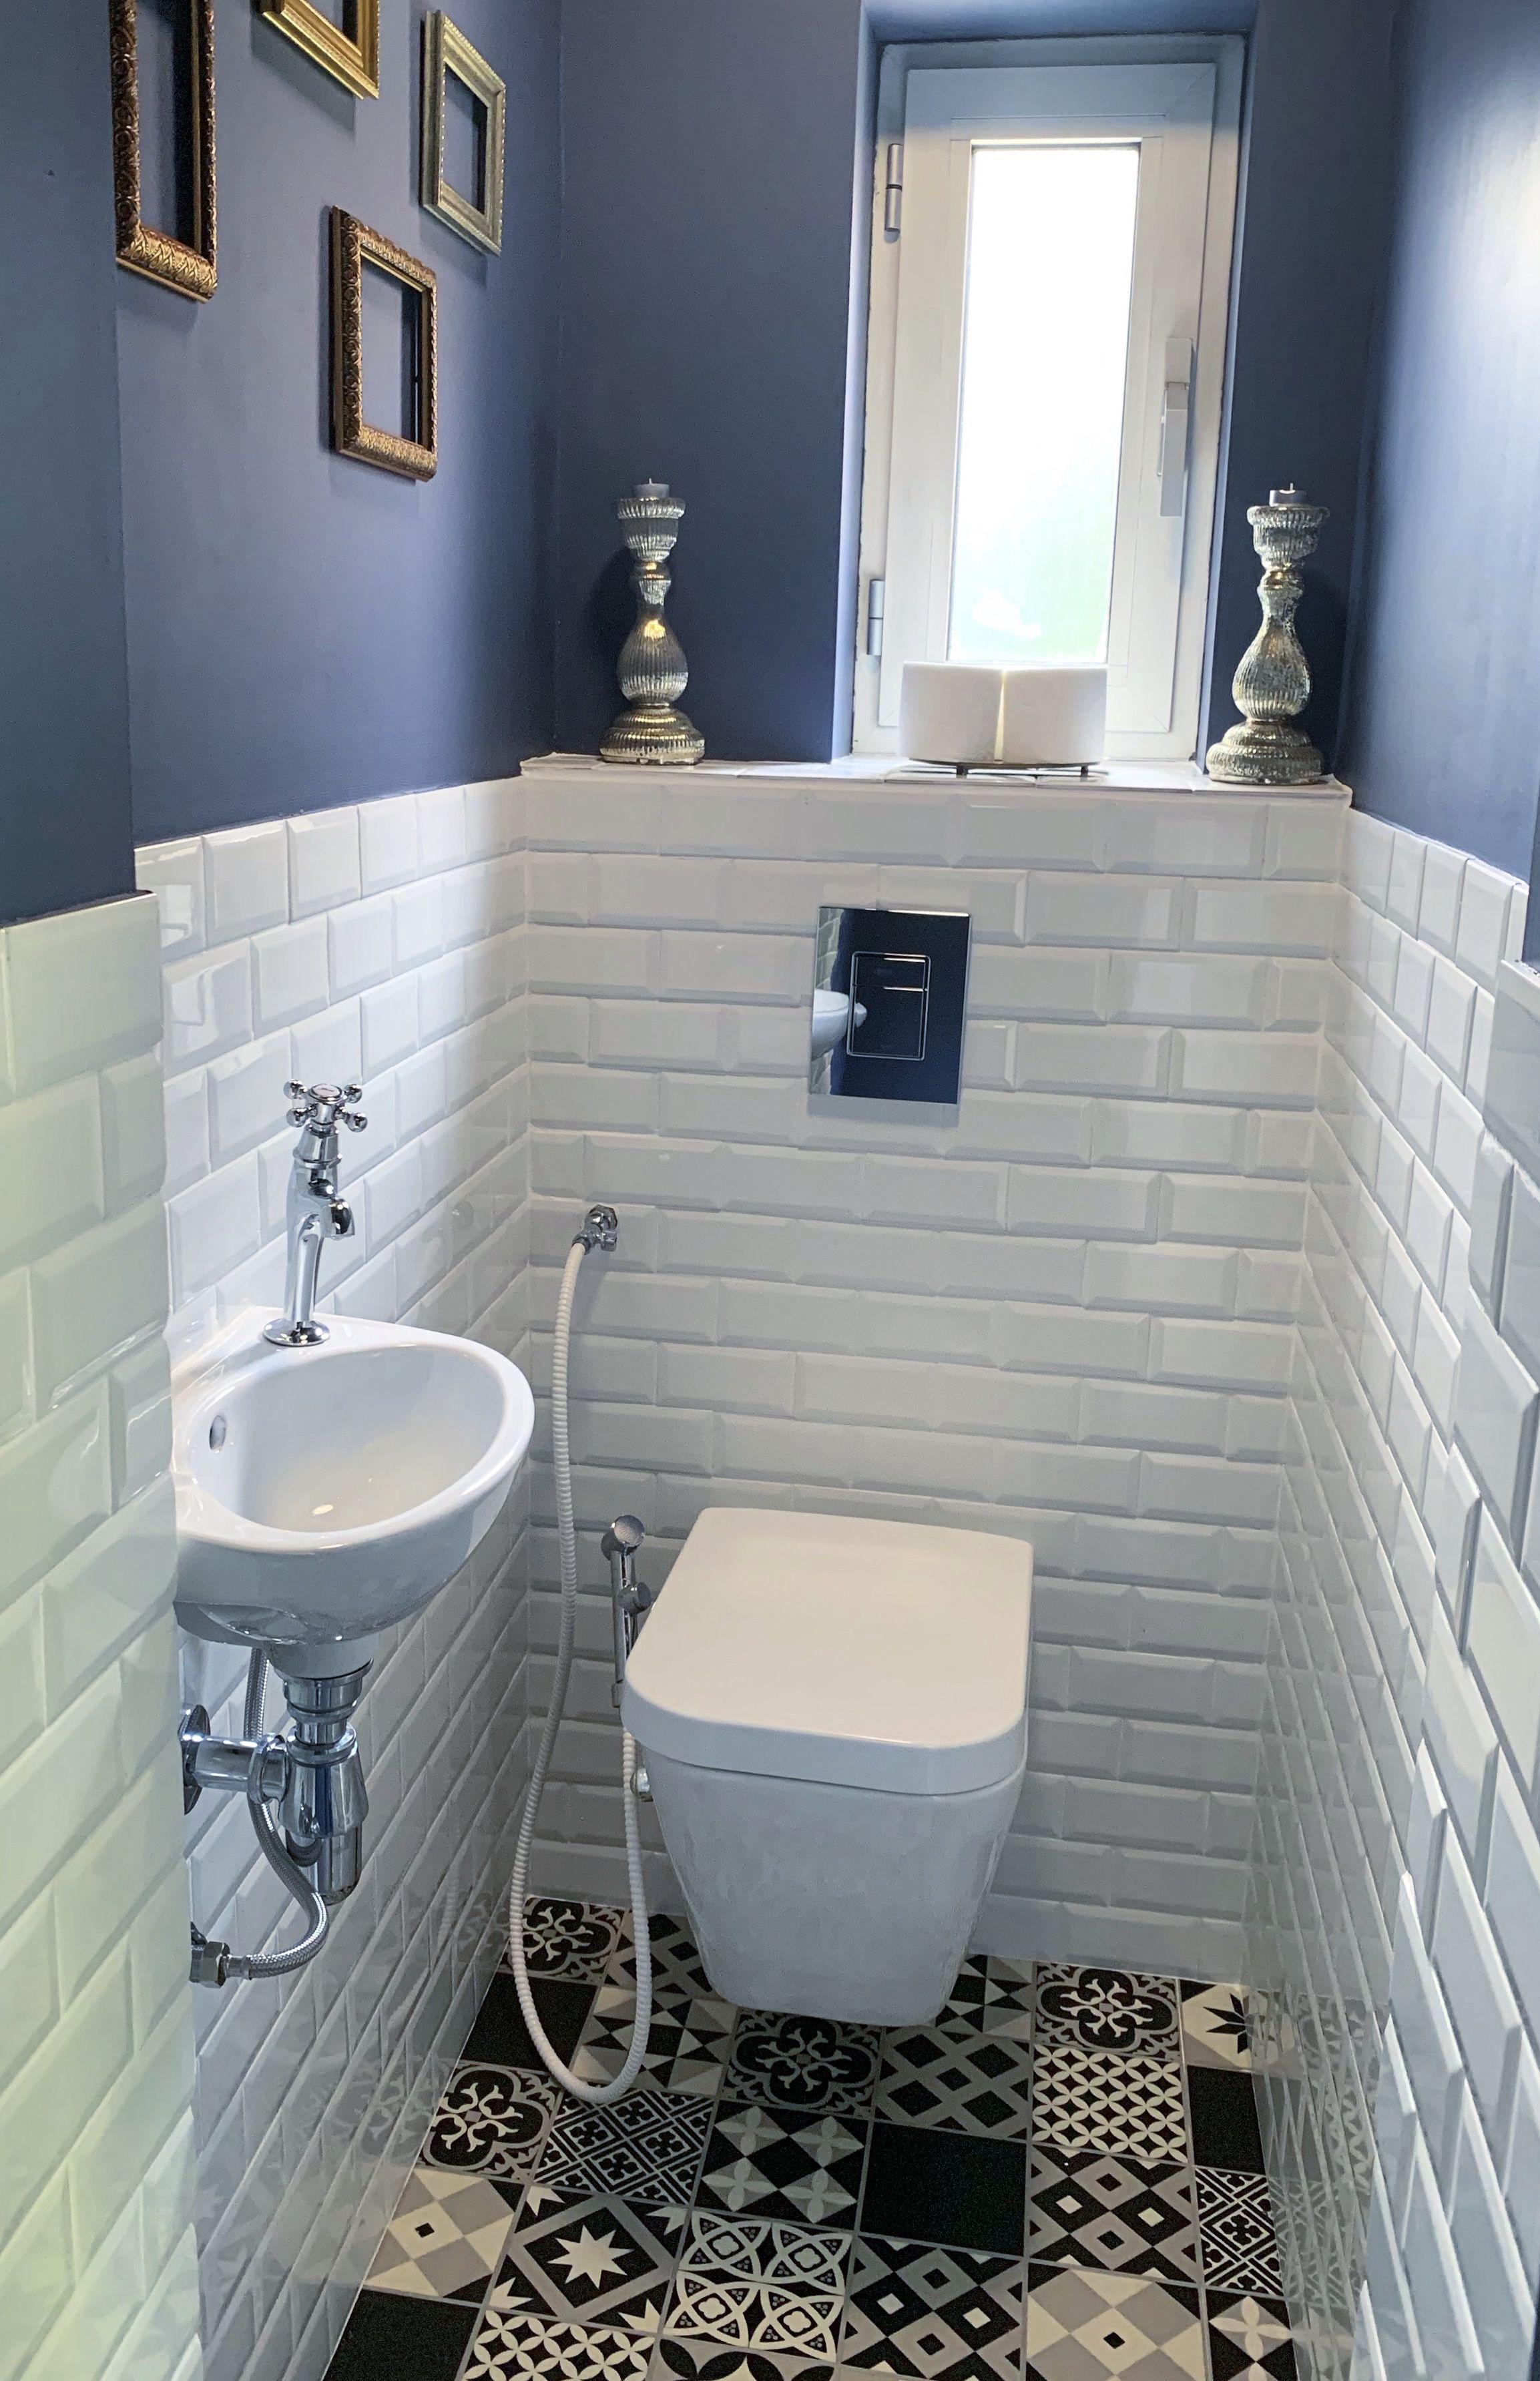 Toilettes Suspendues Relooking Toilettes Idee Deco Toilettes Douchette Wc